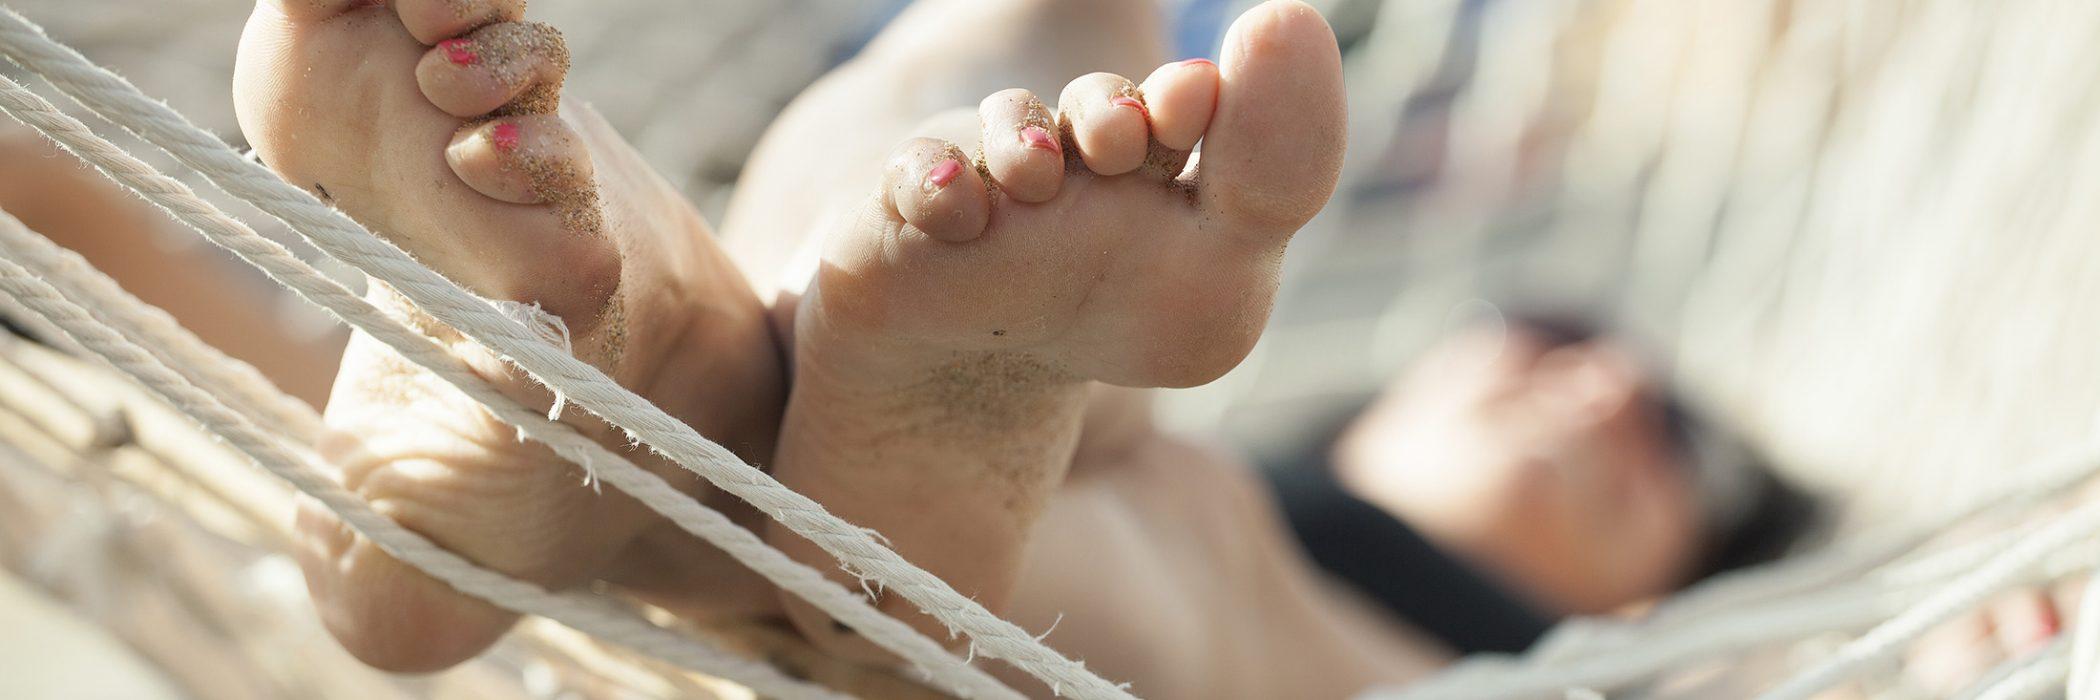 reflexzonetherapie en voetreflextherapie WellJess massage Oostvoorne